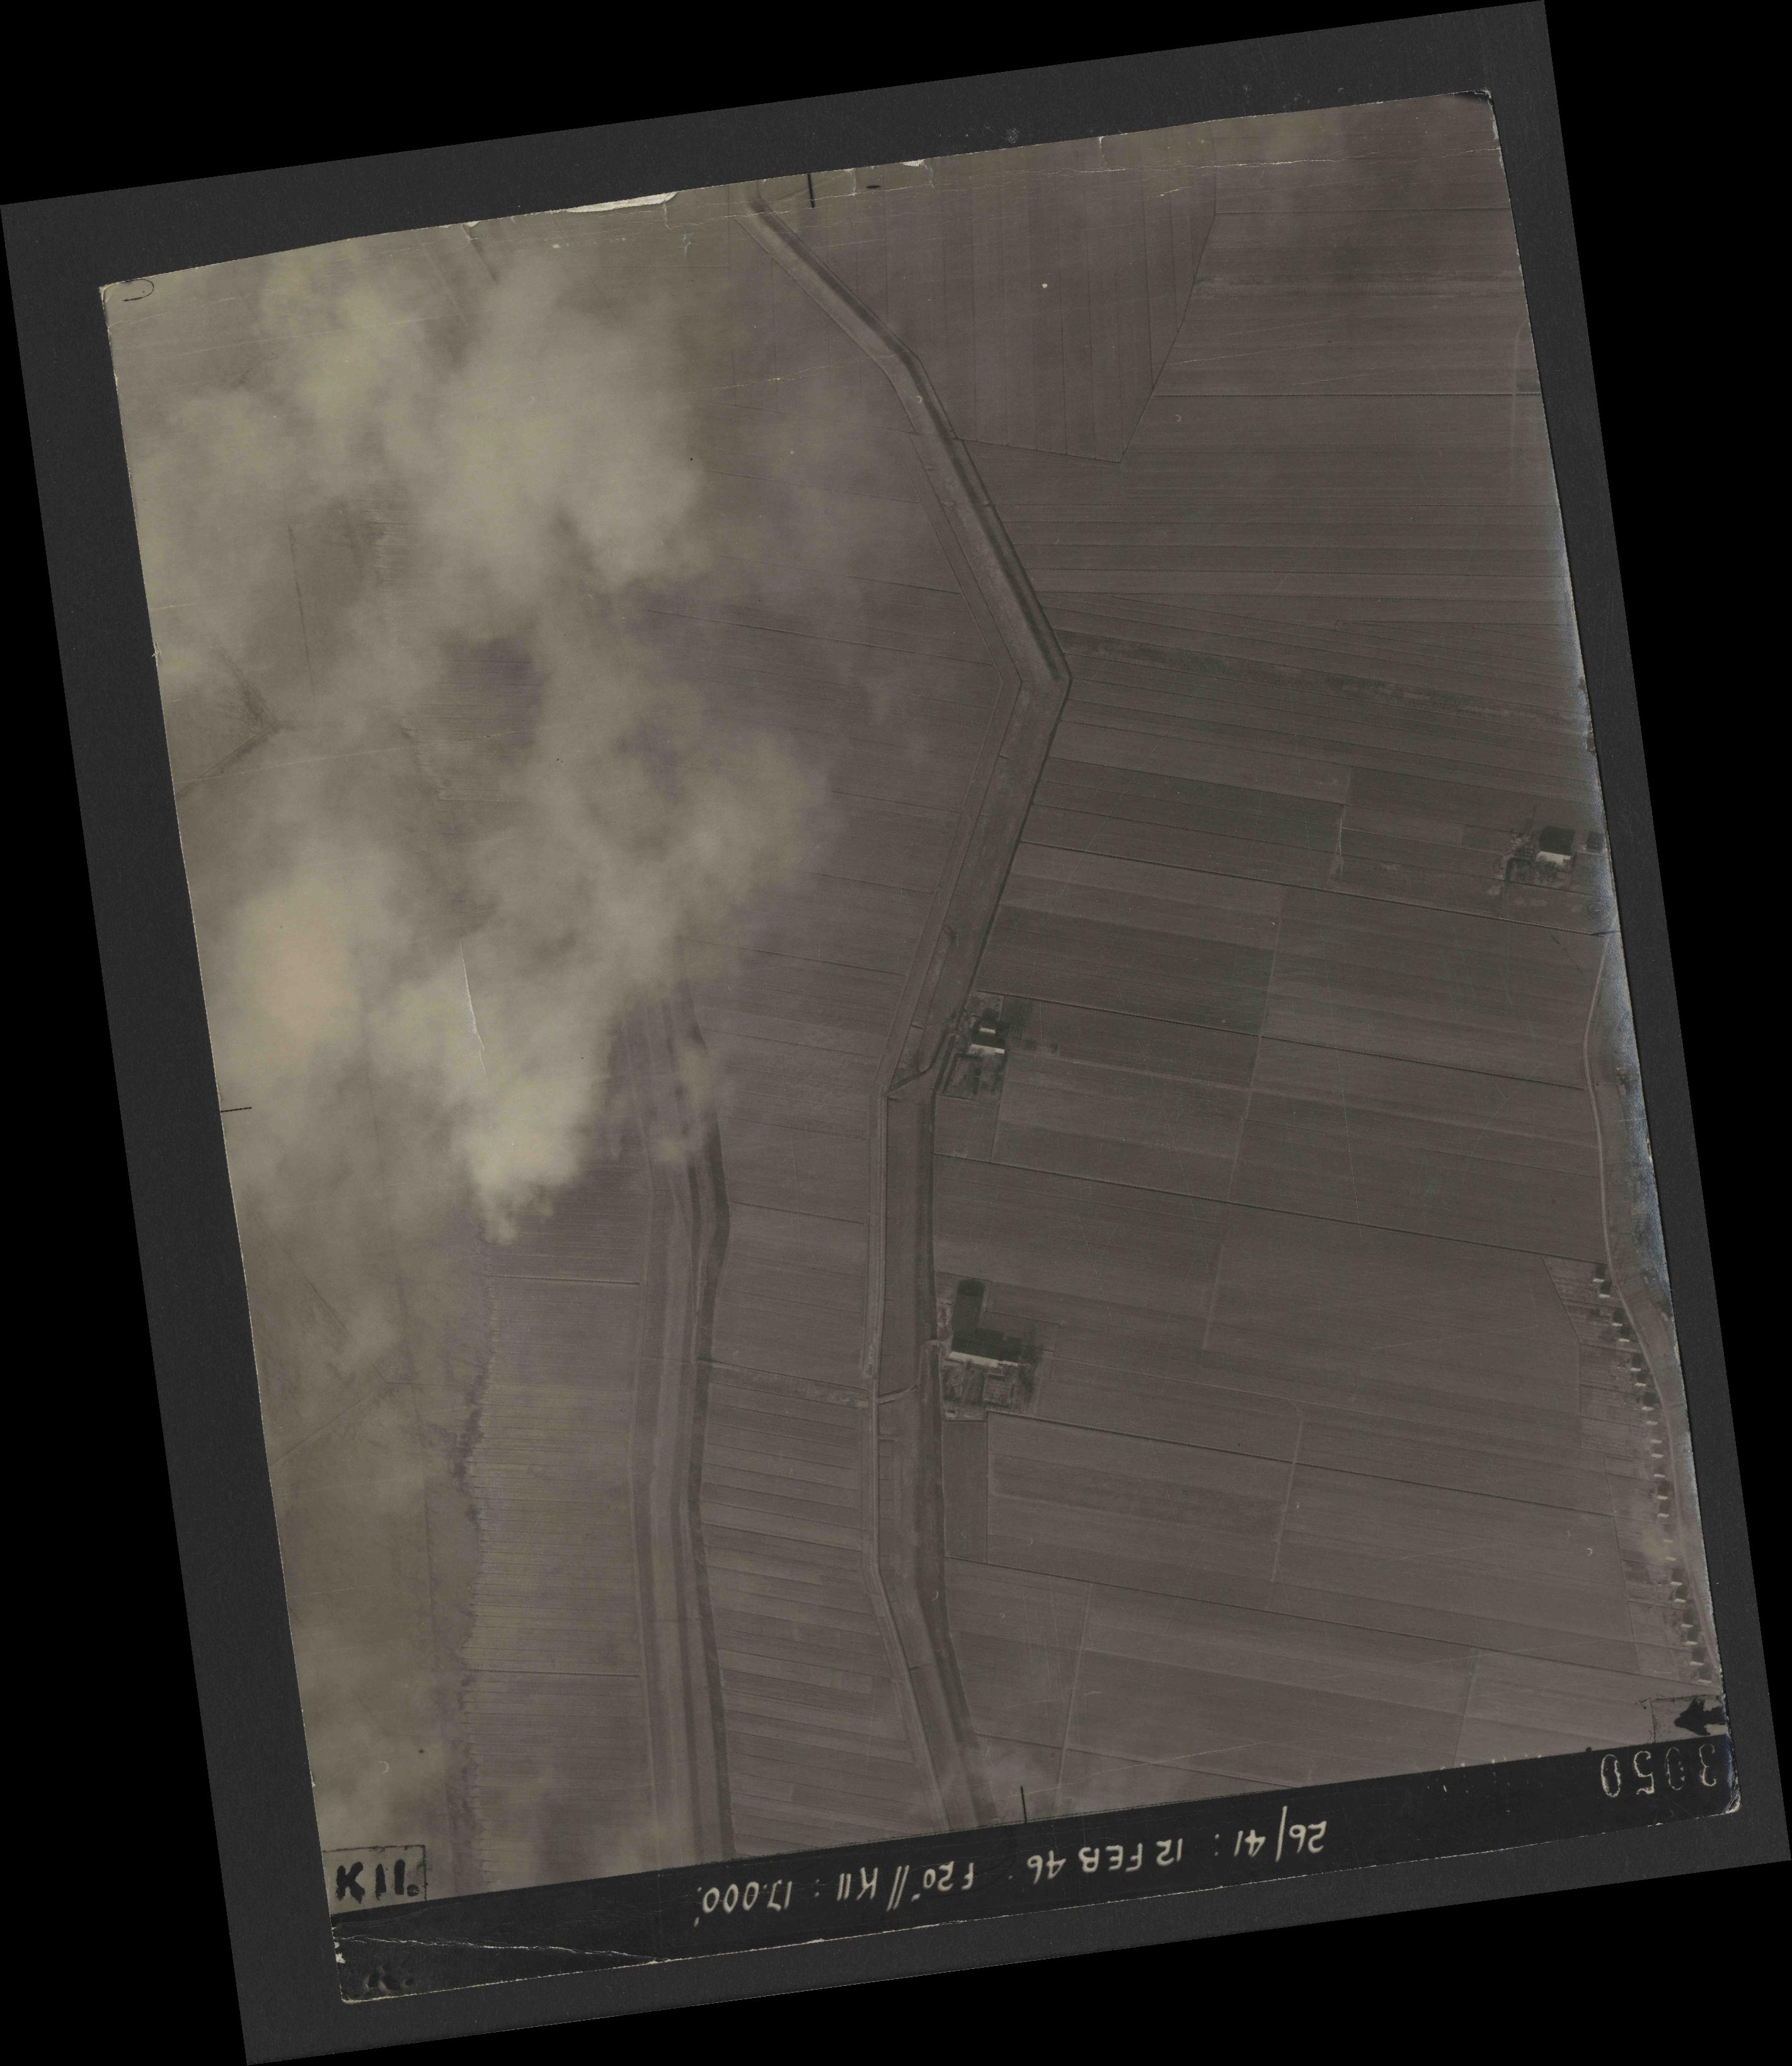 Collection RAF aerial photos 1940-1945 - flight 212, run 10, photo 3050